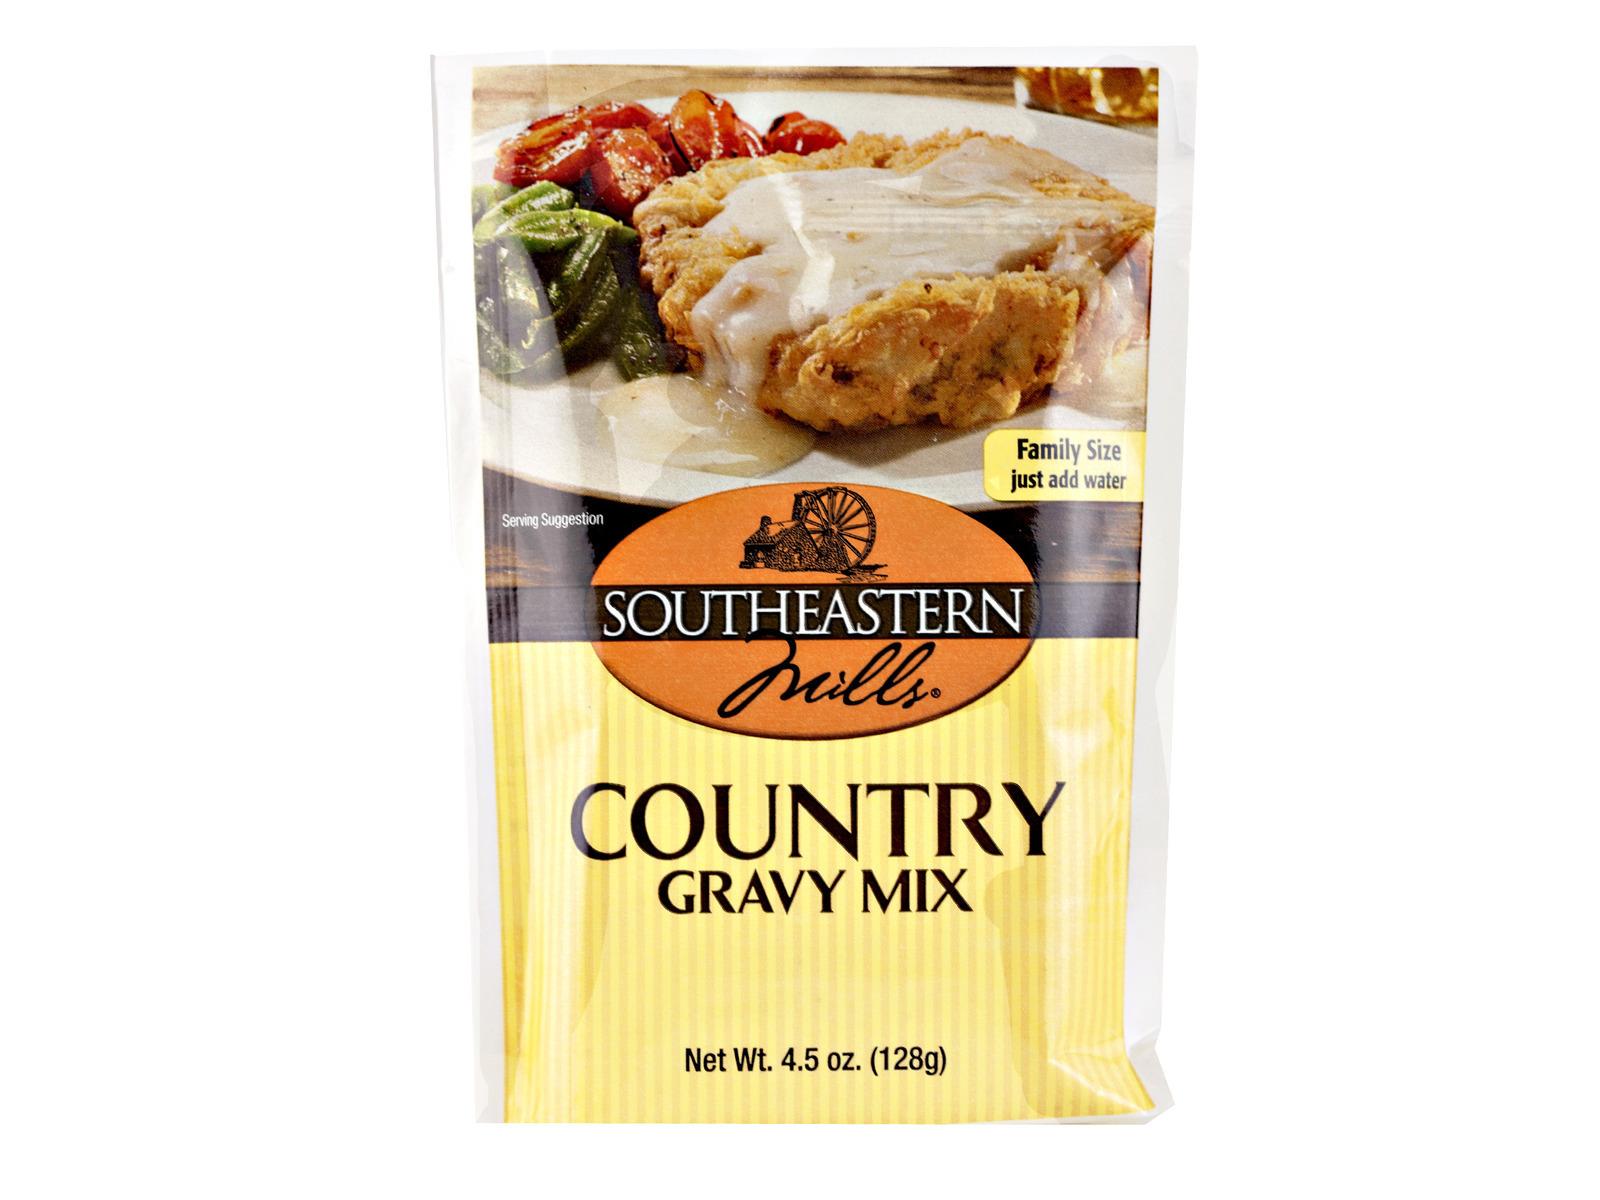 Country Gravy Mix